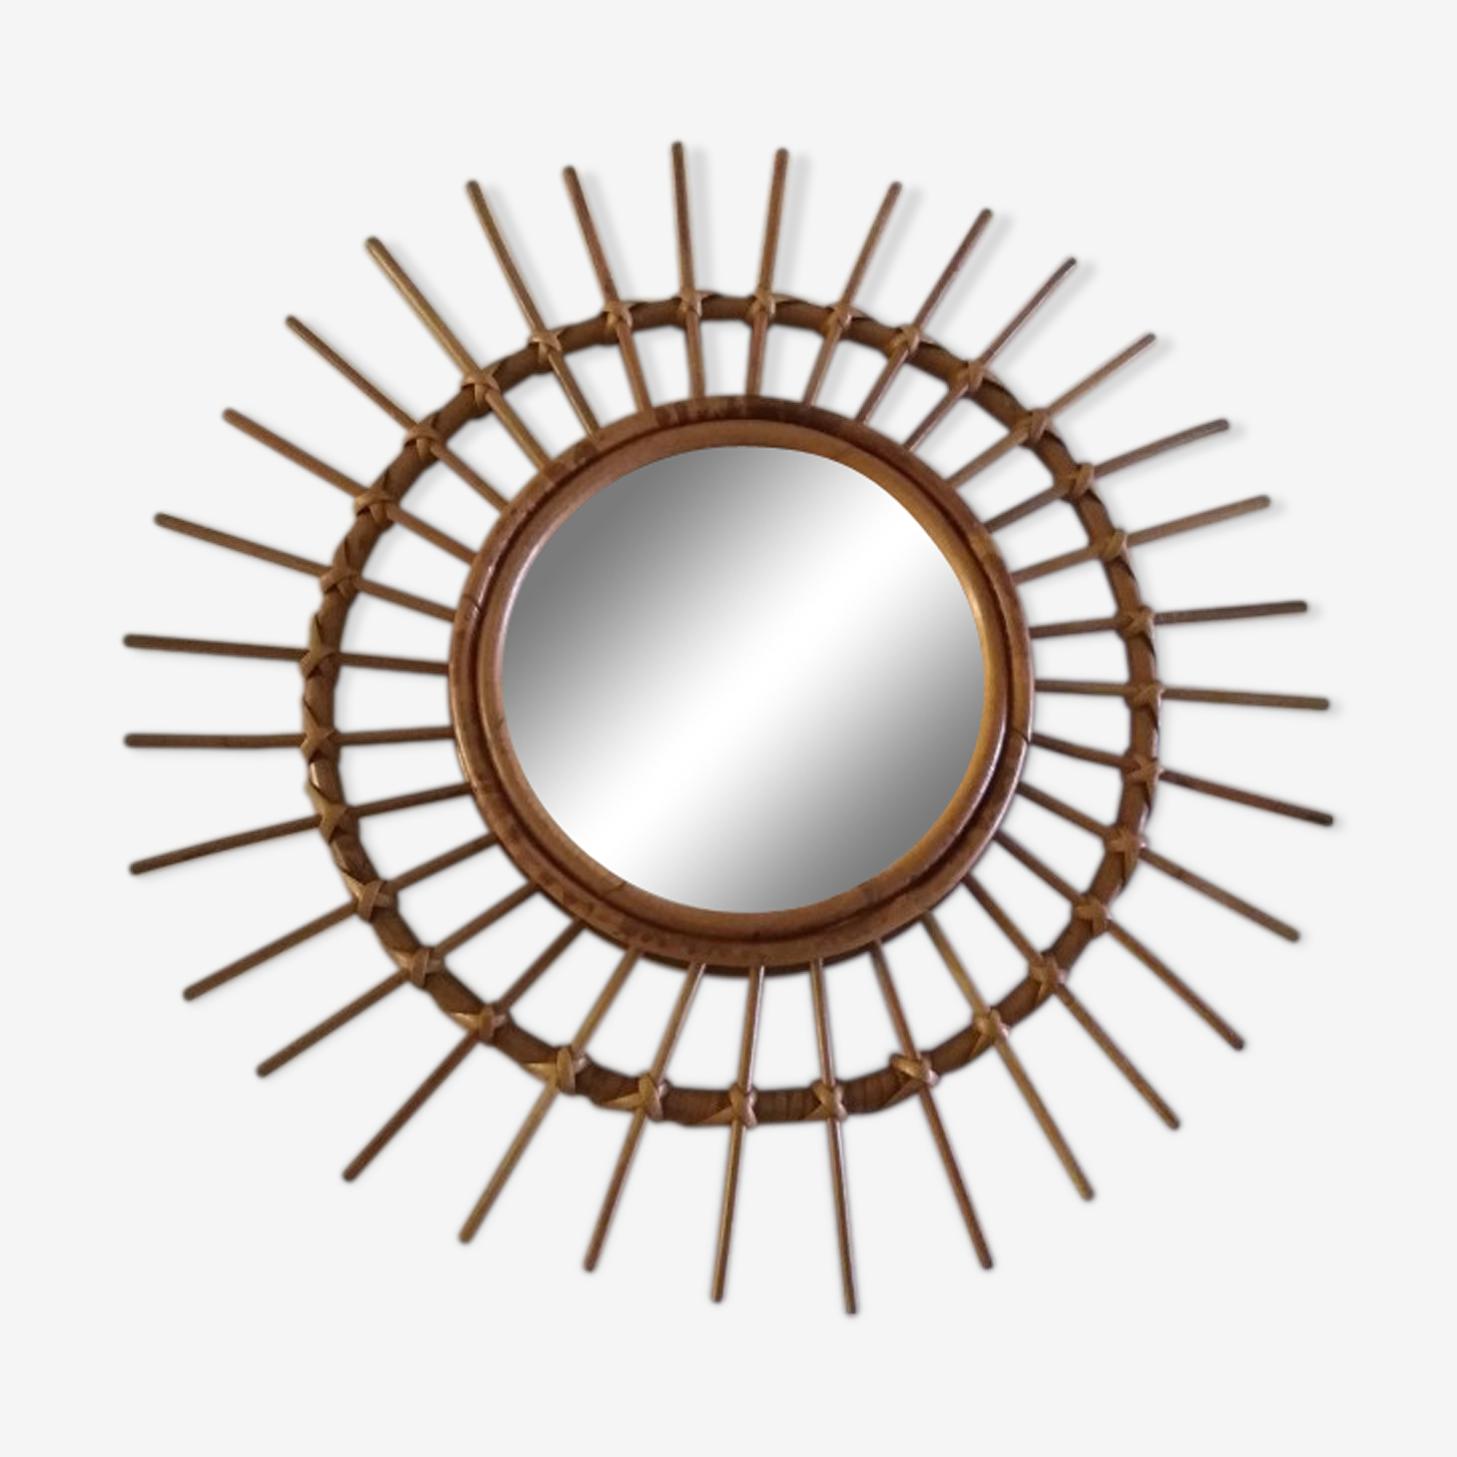 Rattan sun mirror 55x55cm